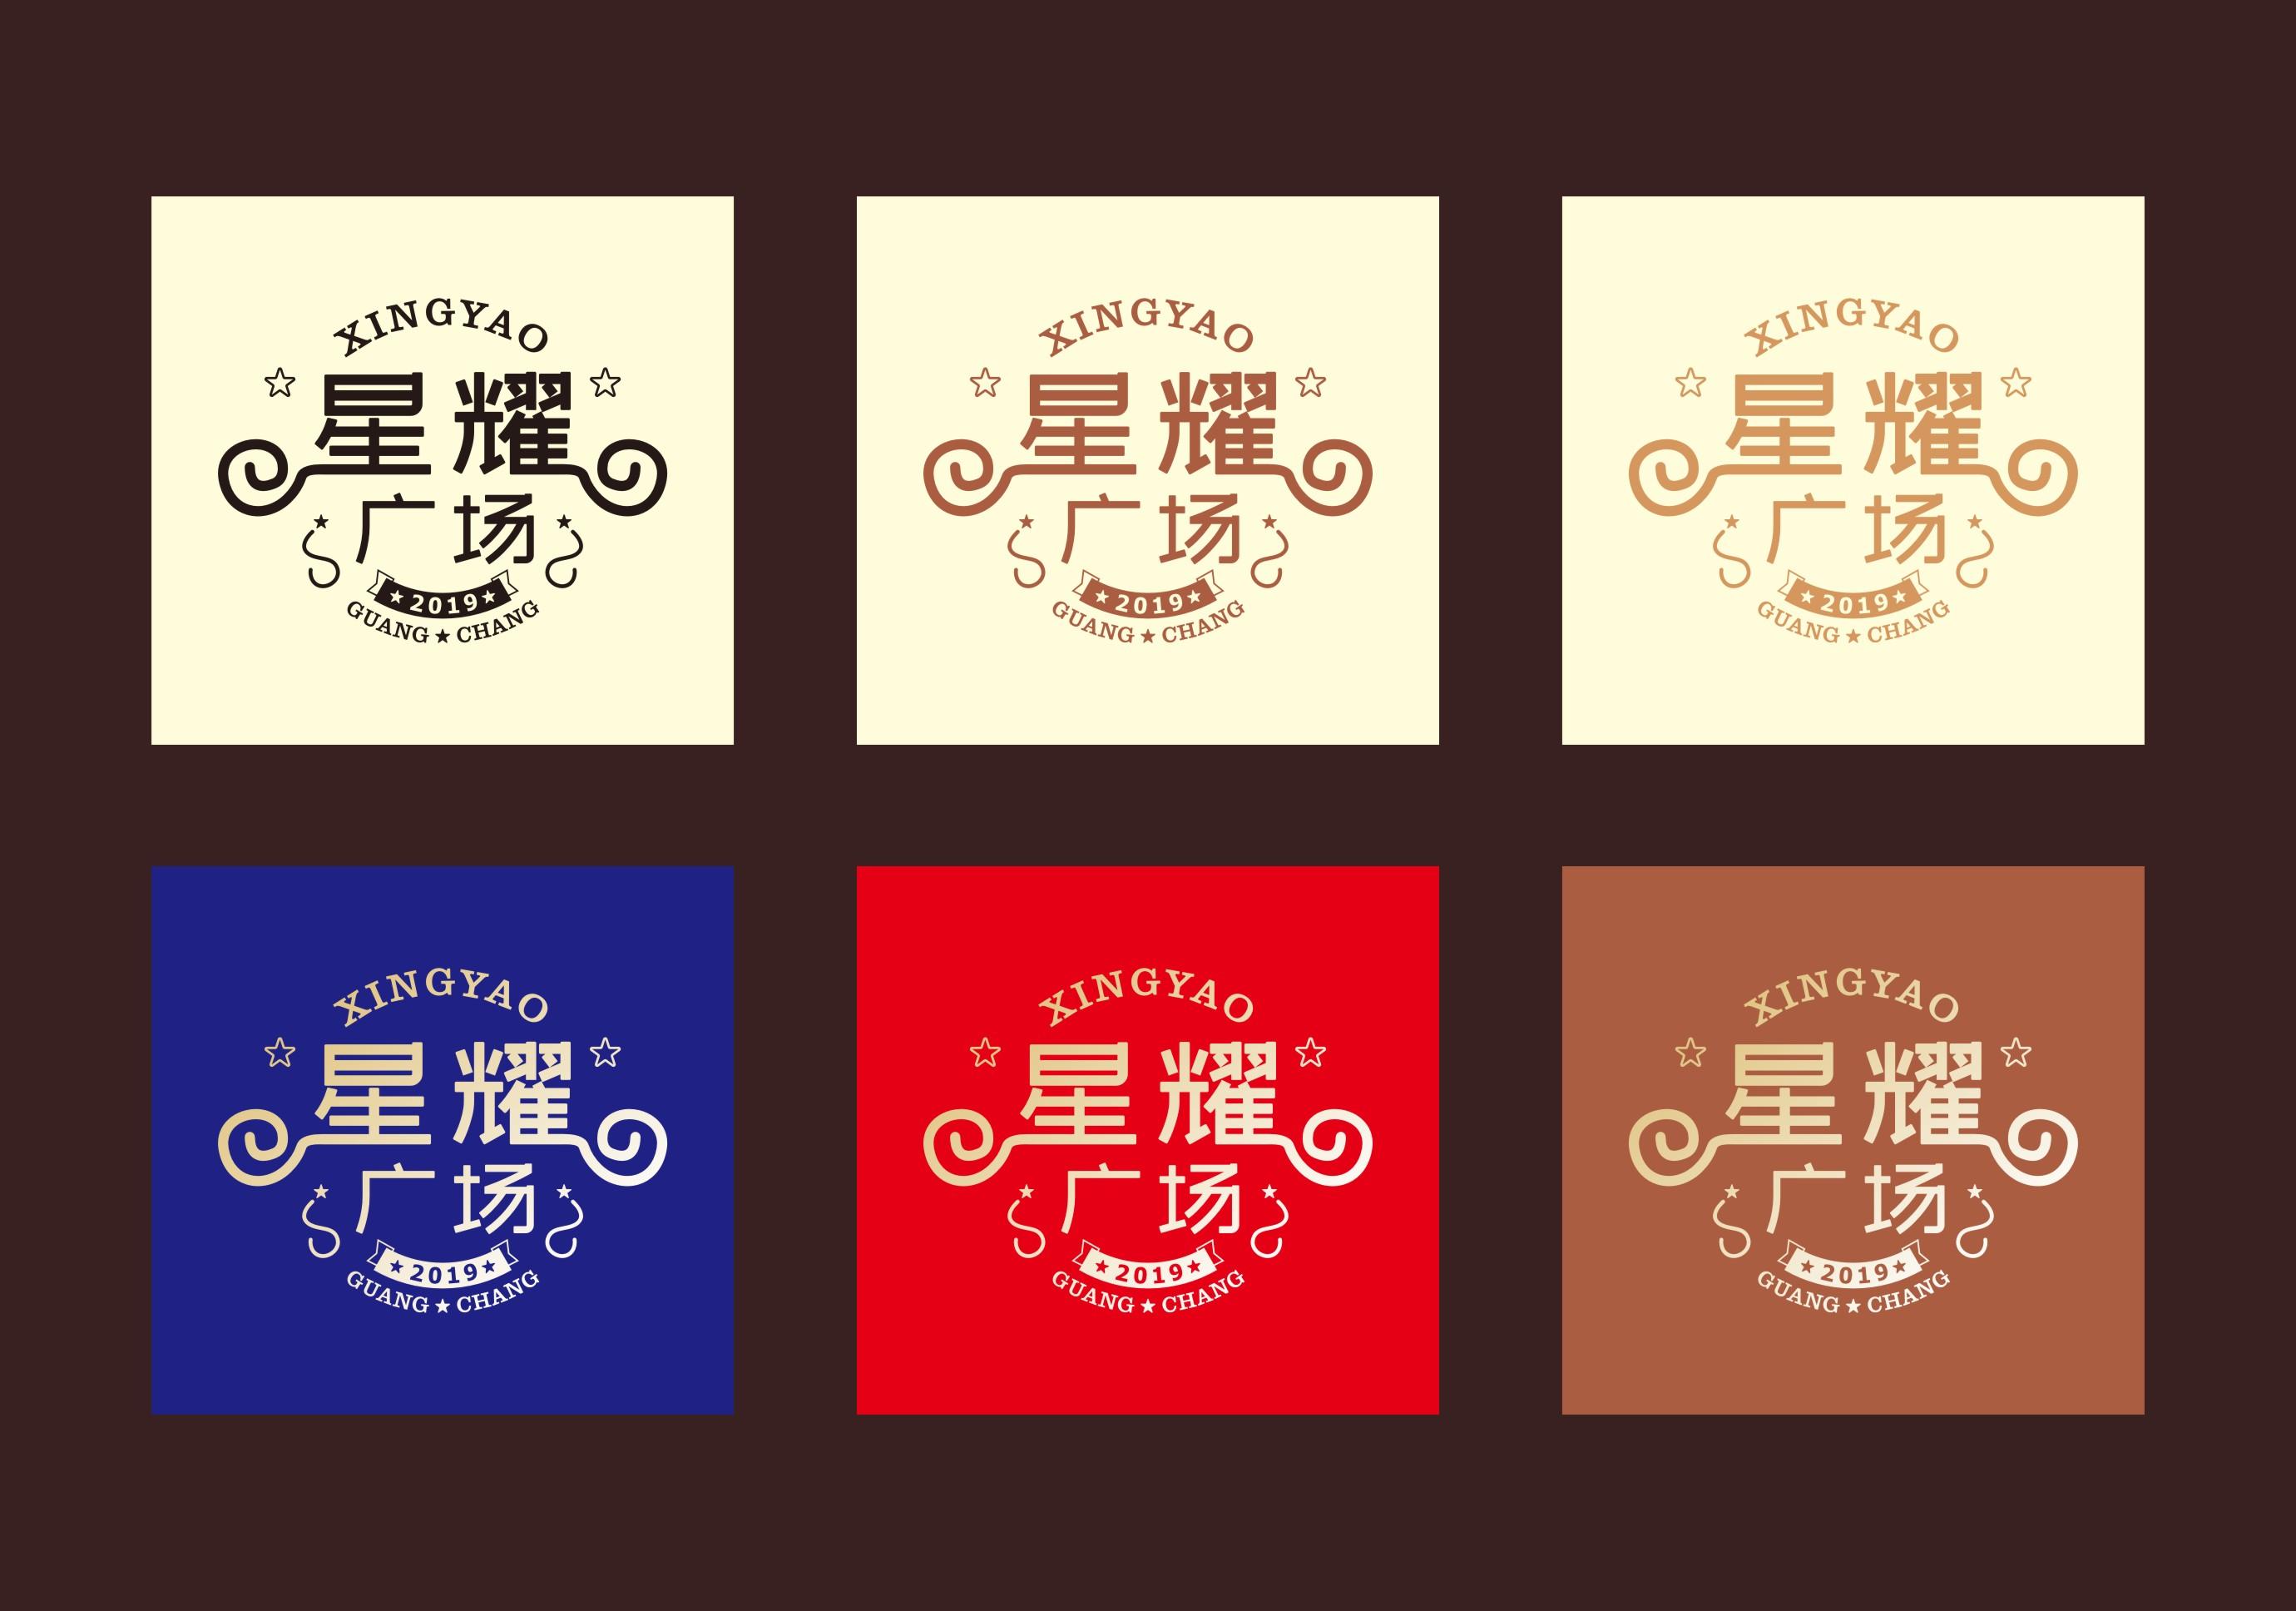 星耀广场Logo设计_3027404_k68威客网